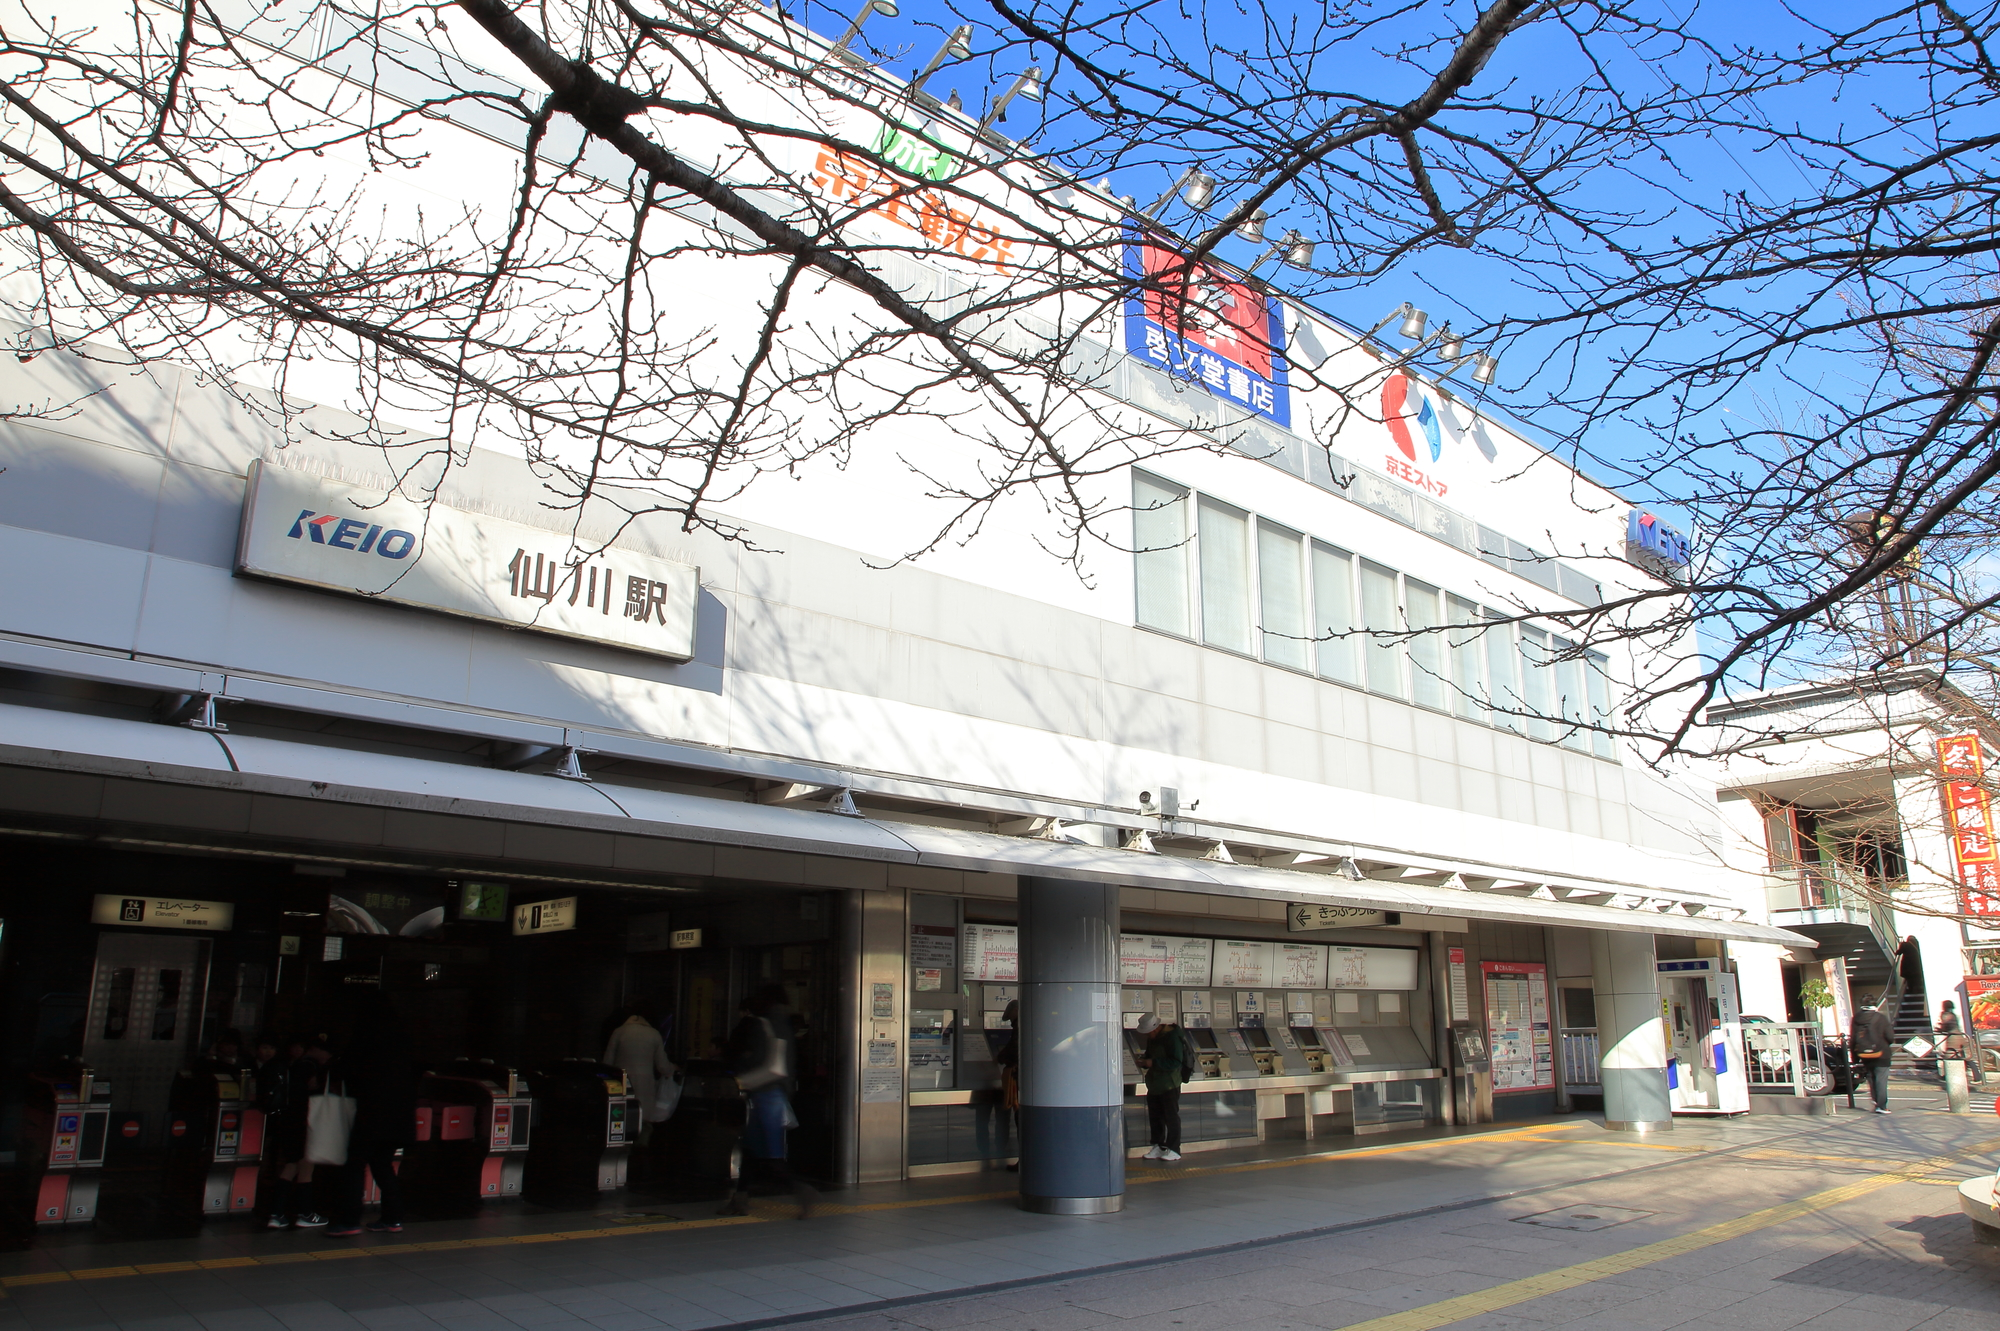 土曜に通院したい方へ!仙川駅の歯医者さん、おすすめポイント紹介